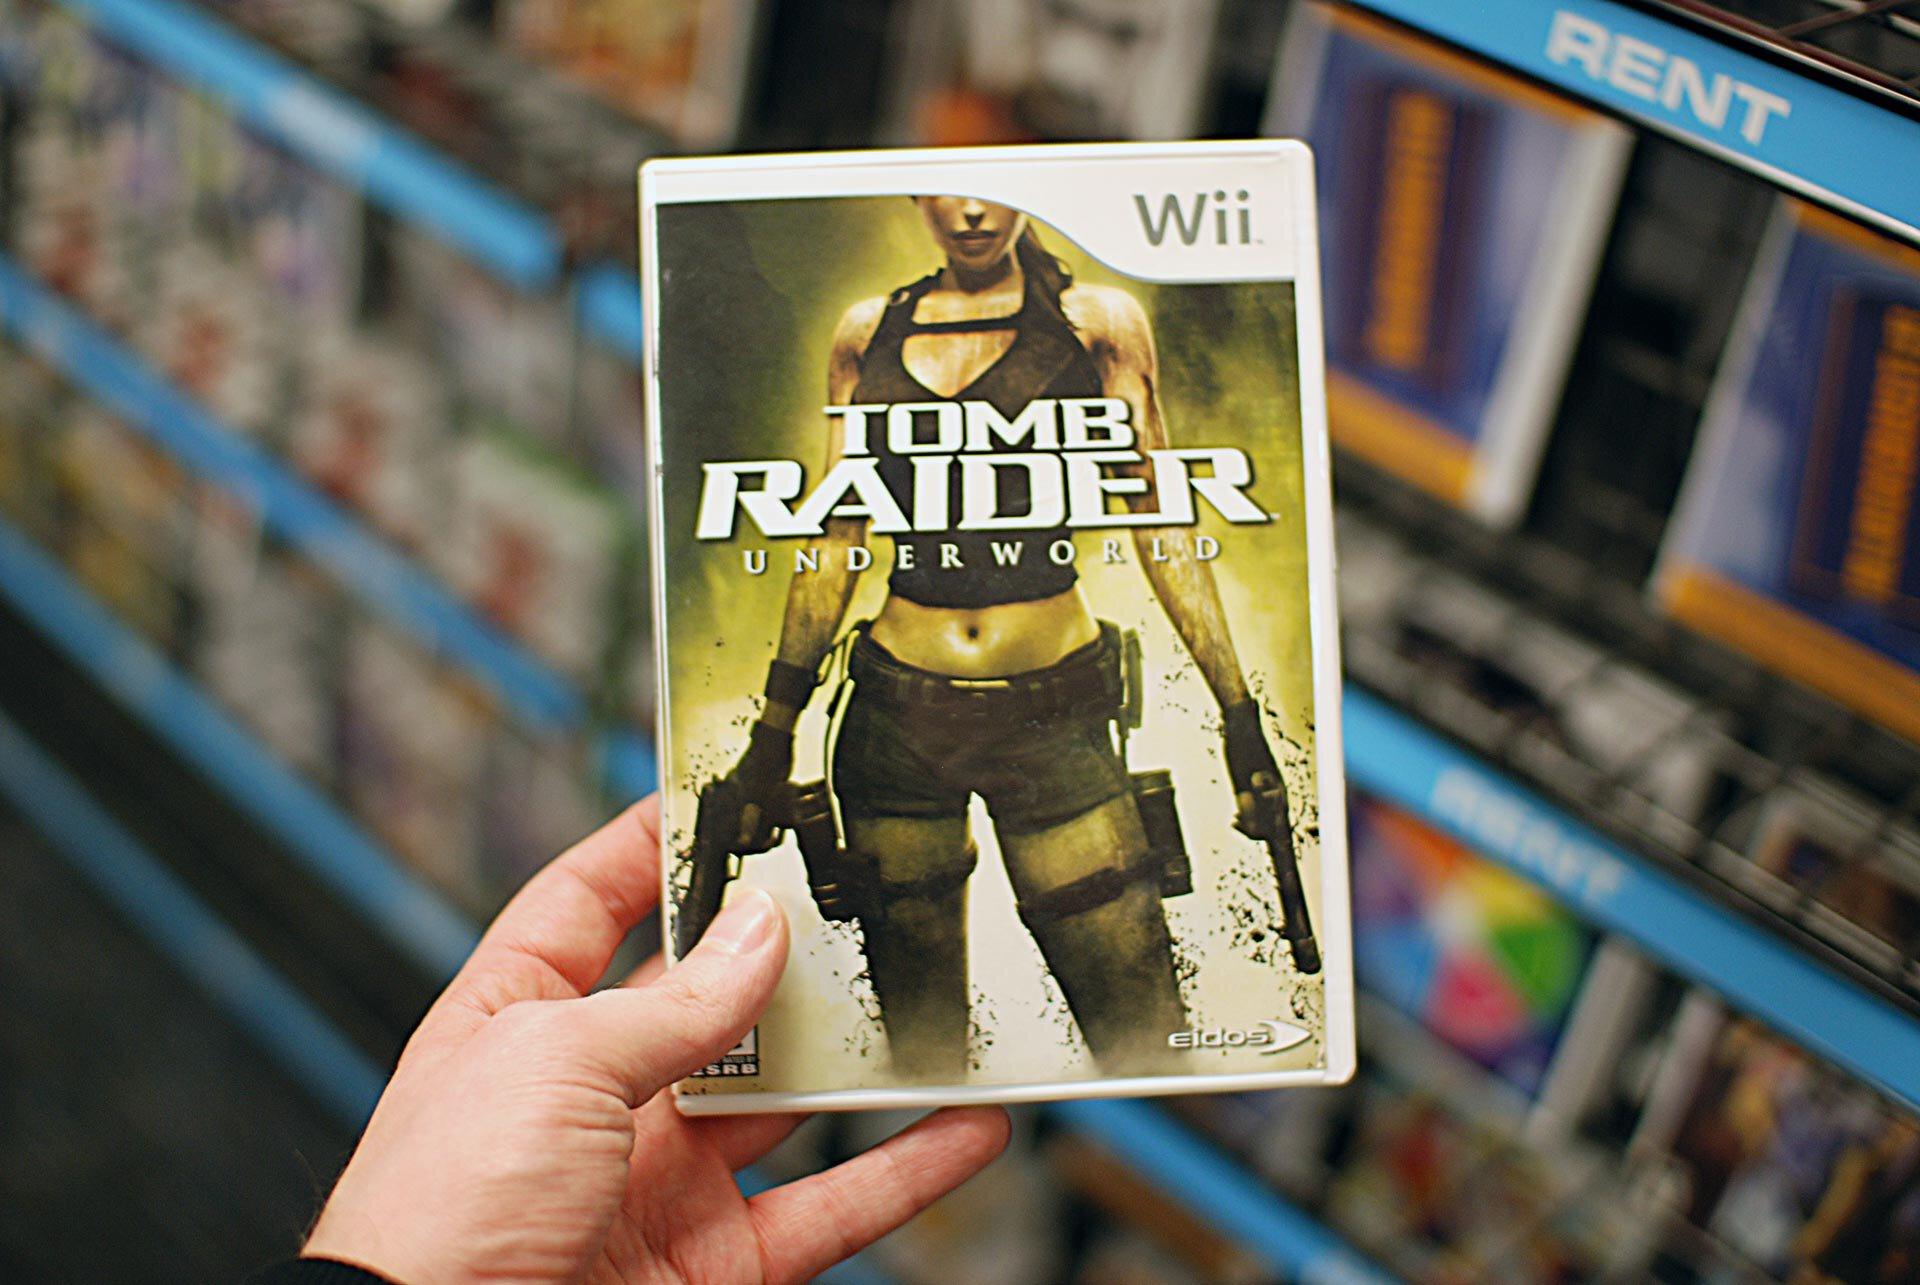 jeu vidéo, sexisme, apparence, image, femmes, héros, héroïne, jeux, sexiste, stéréotype,